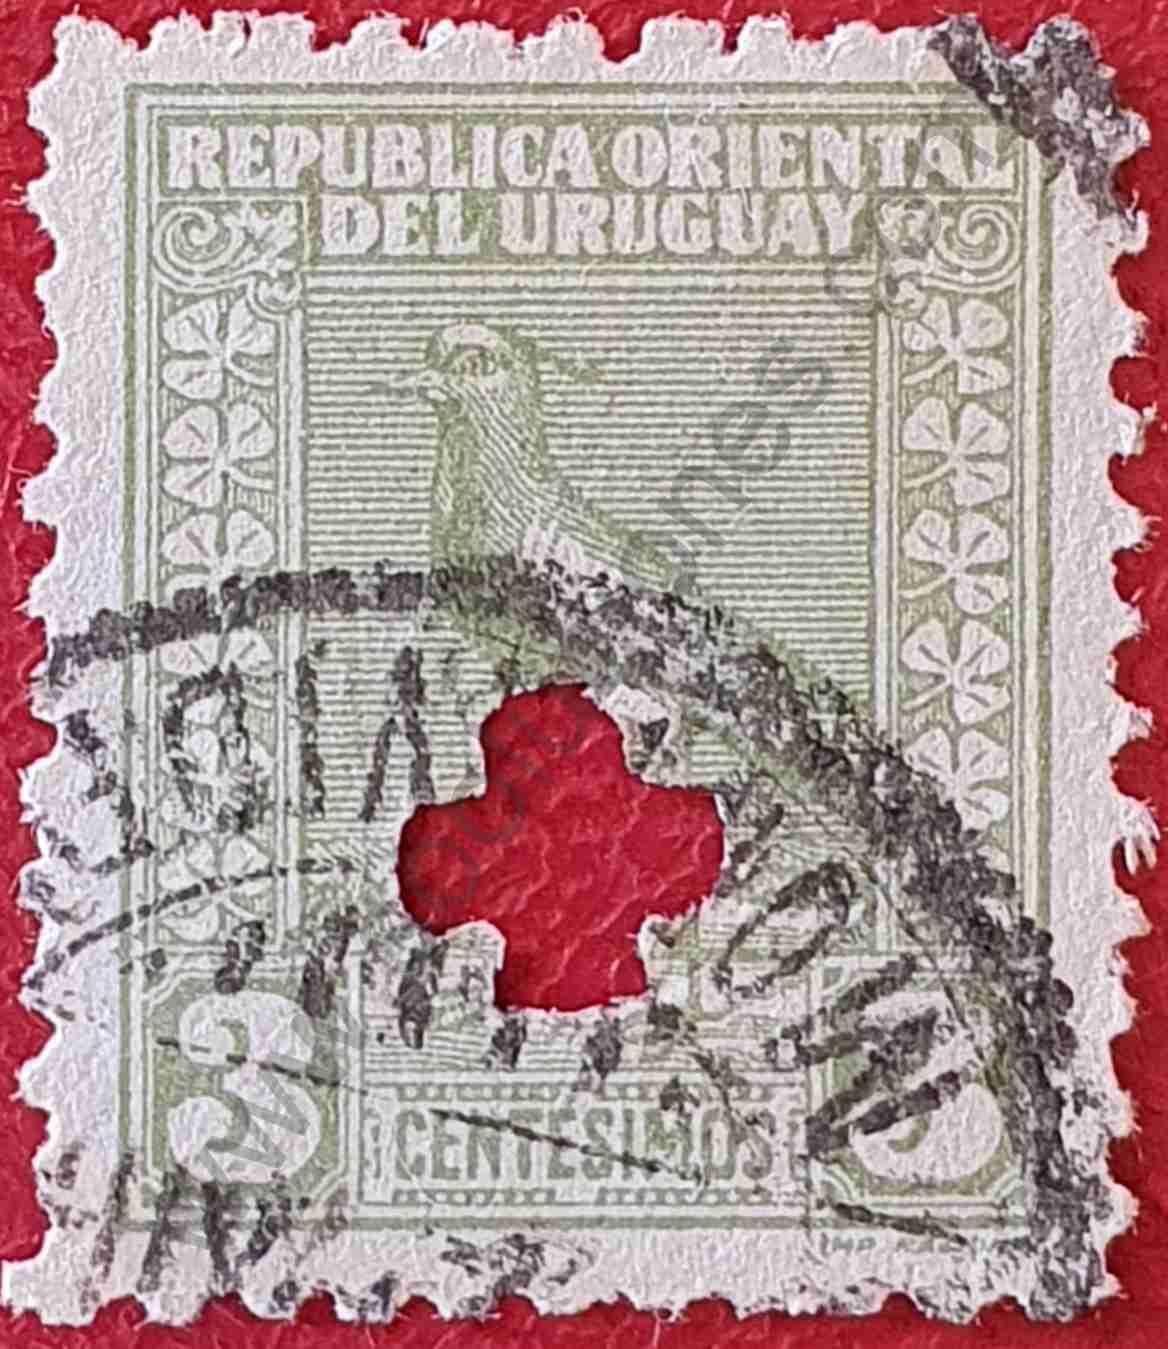 Tero 3c - Sello de Uruguay 1927